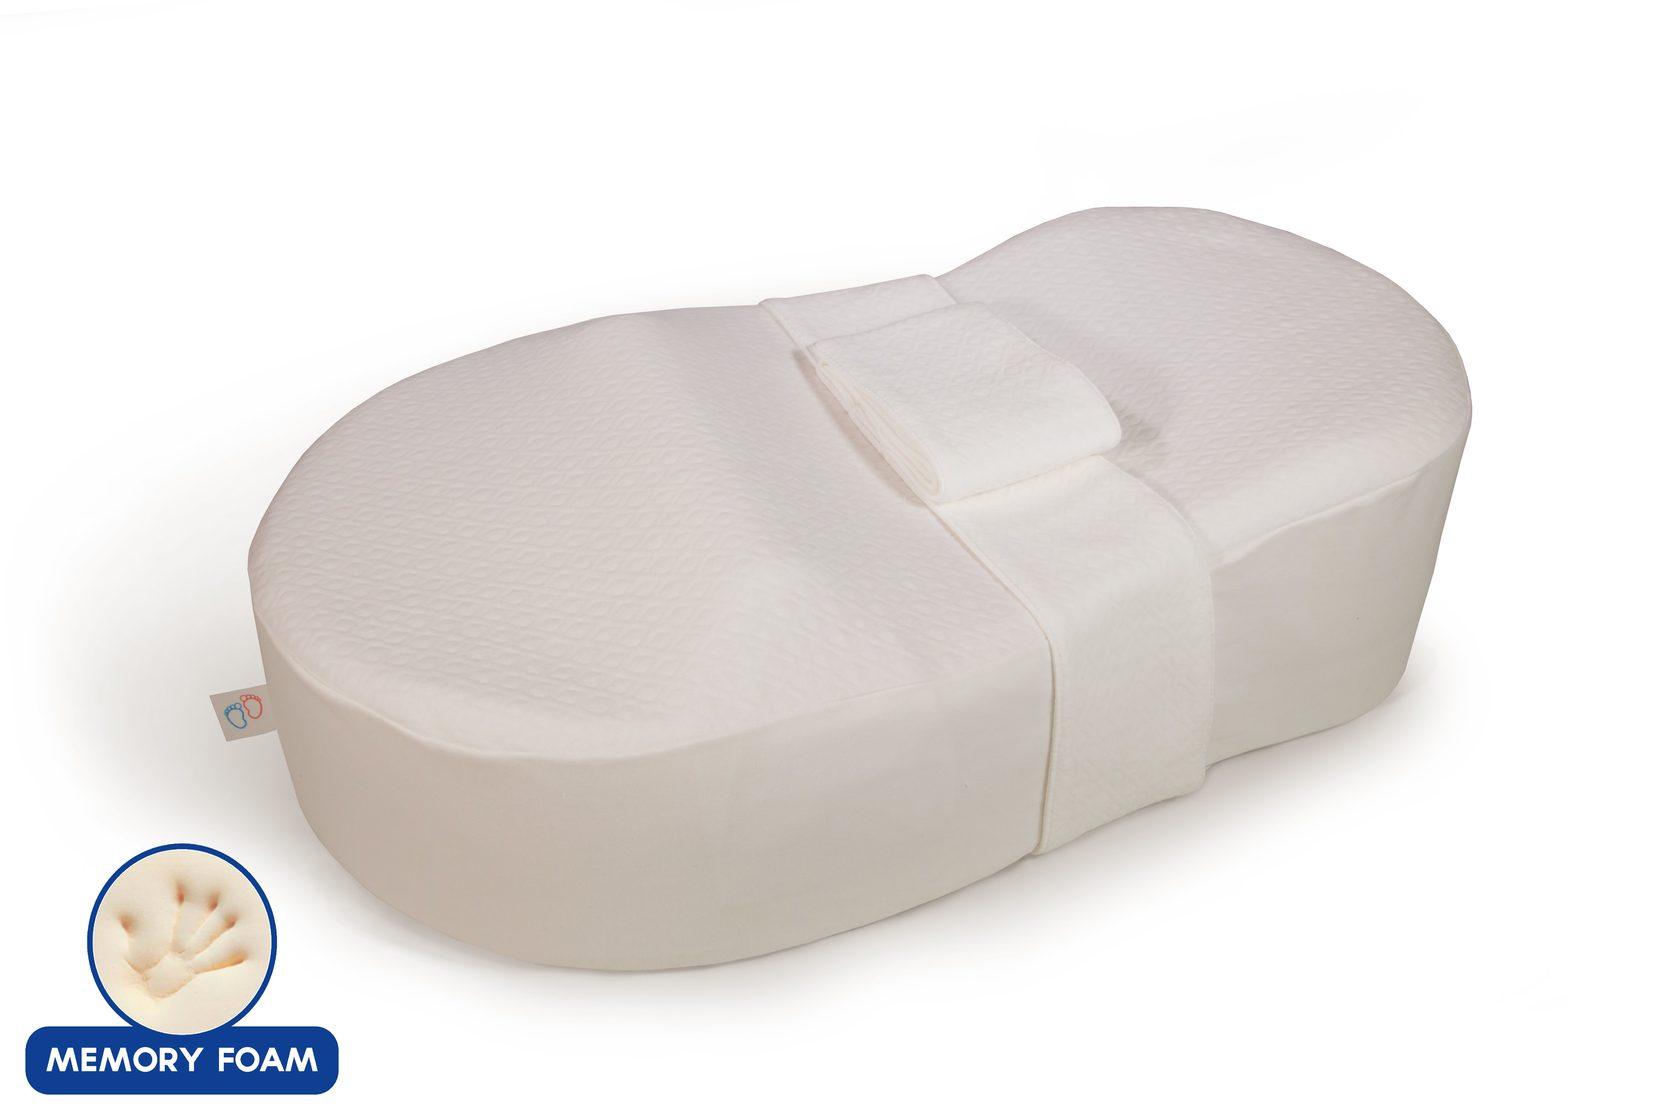 Кокон для новорожденного Седьмое Небо из пенополиуретана MemoryFoam